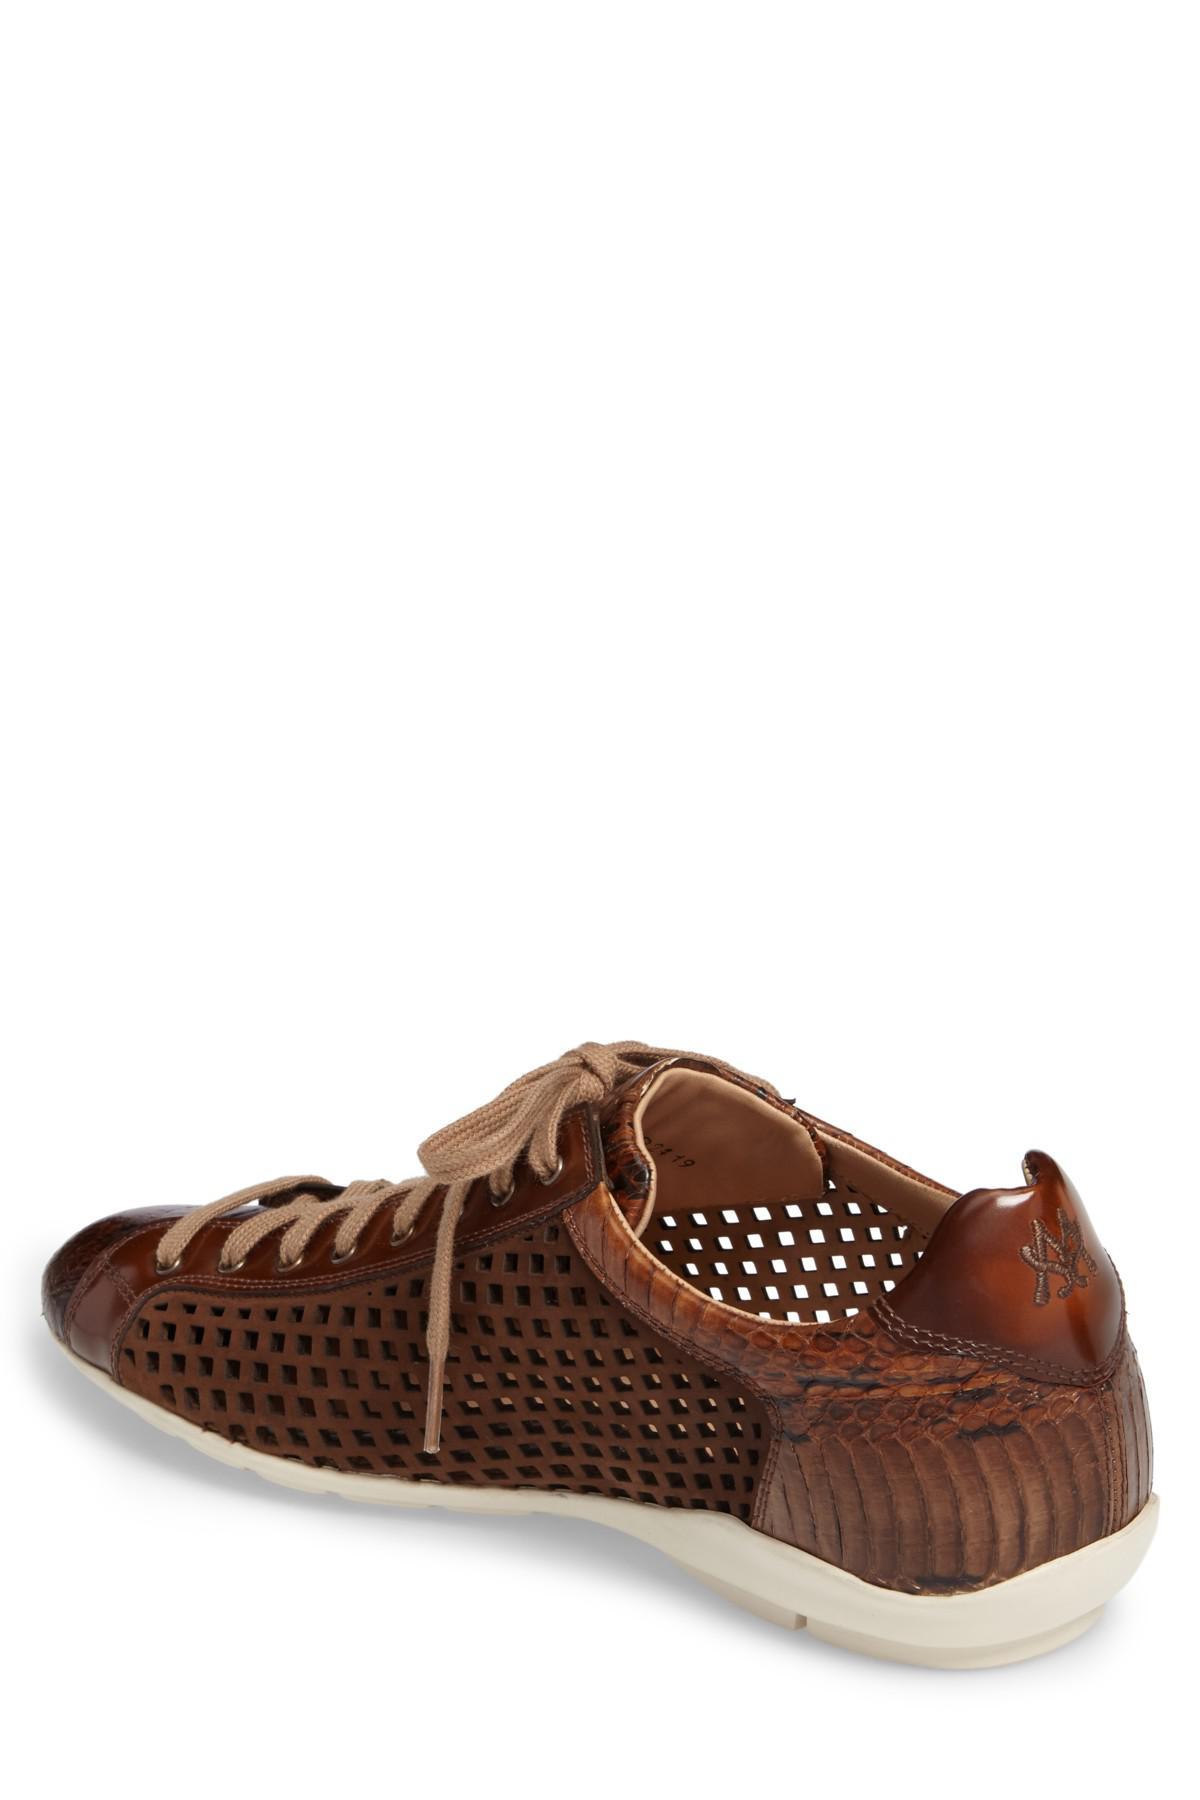 Mezlan Men's Scharf Sneaker uJTJUMly